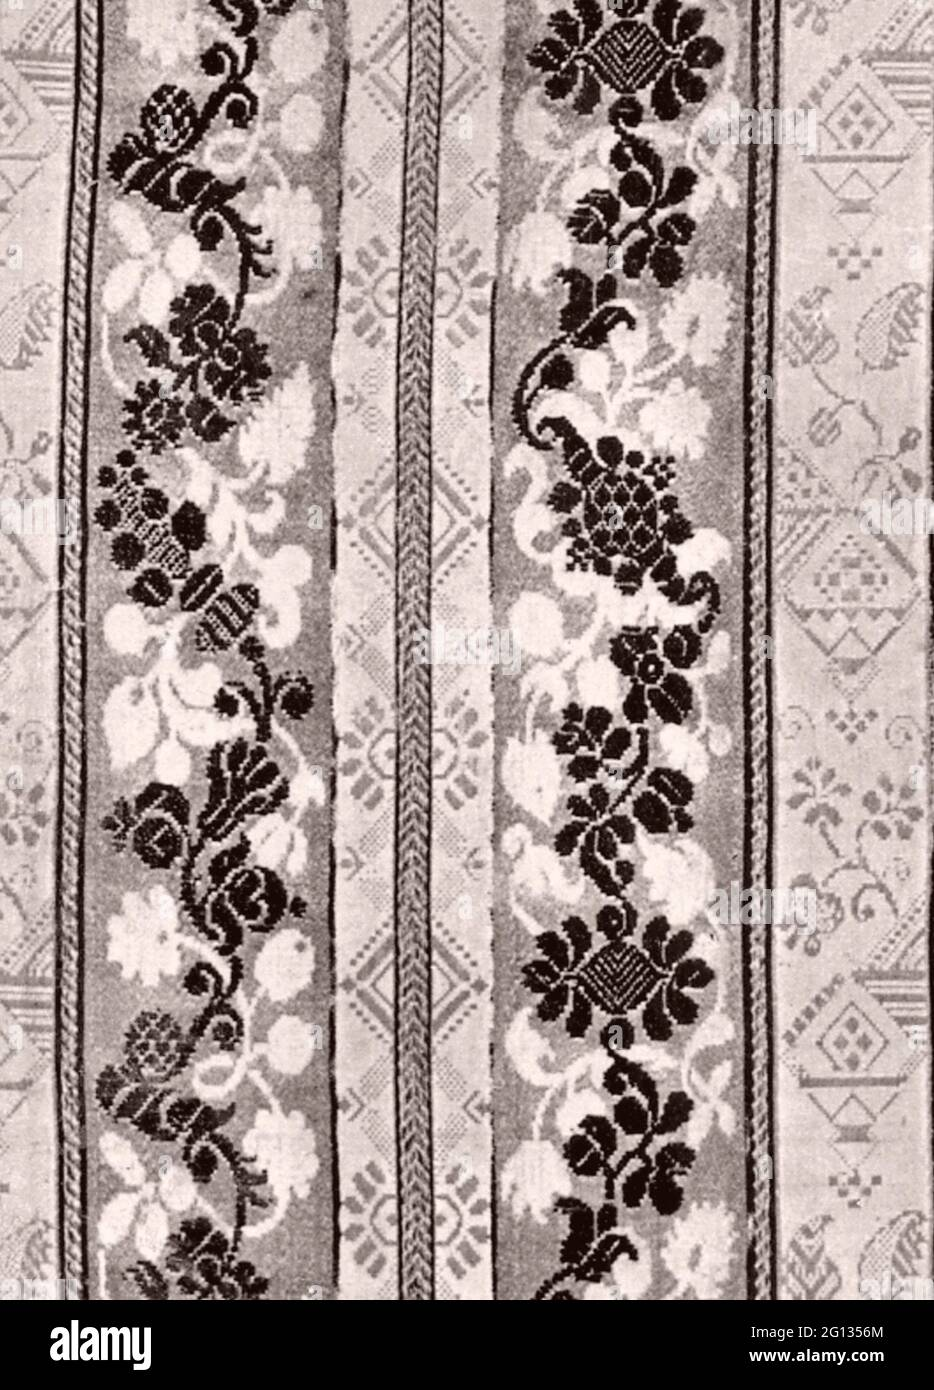 Frammento - tardo 17 ° secolo - Francia damascato satinato brocade. 1675 - 1700. Foto Stock